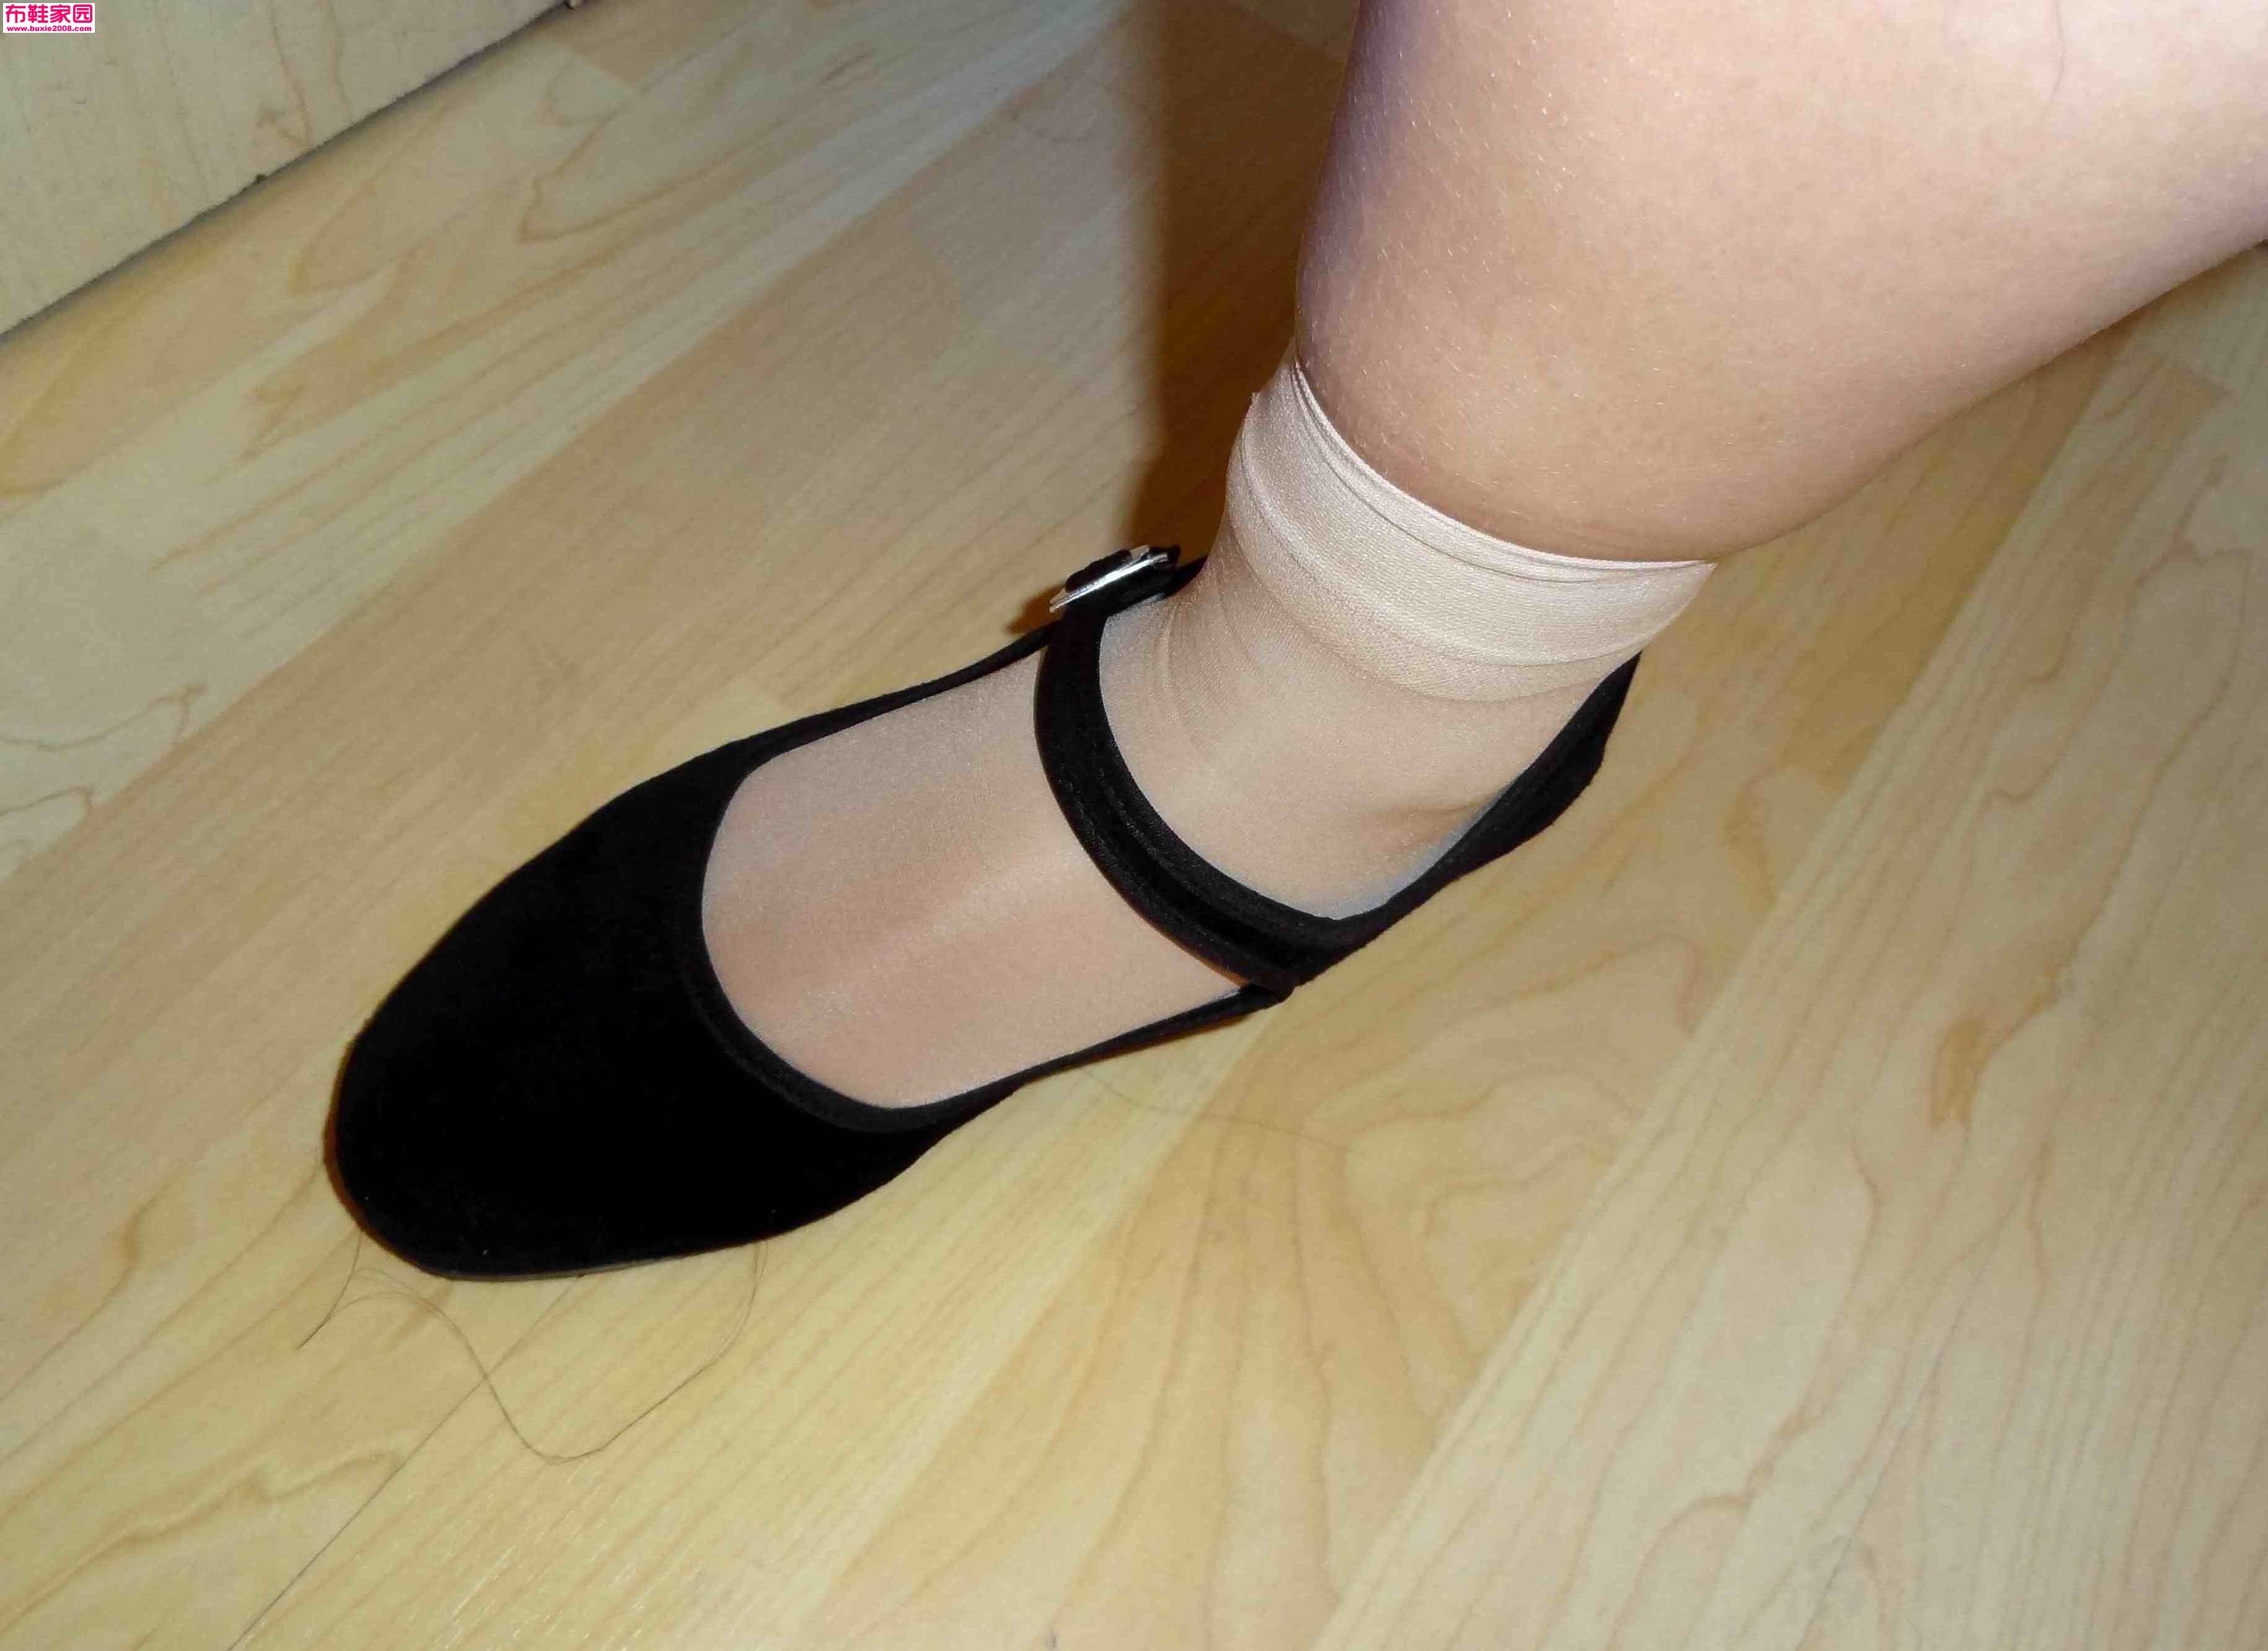 玩旧的高跟_玩布鞋家园高清大图-绒面高跟布鞋射视频,布鞋家园大全集00932 ...